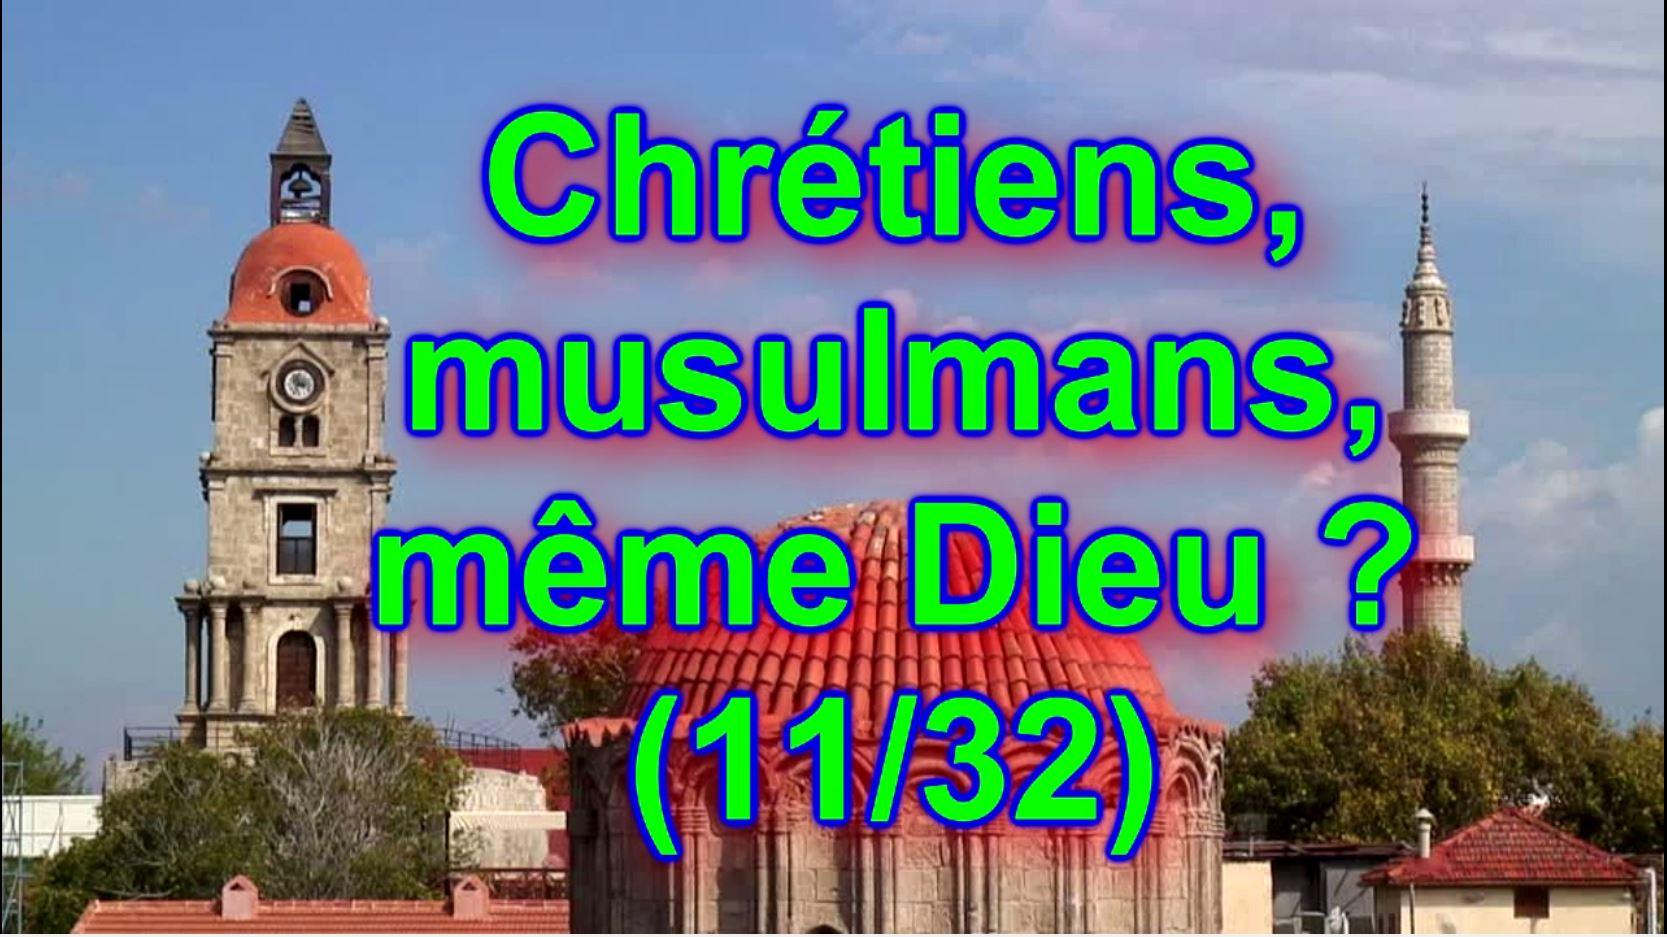 Chrétiens, musulmans, même Dieu ? (11/32) Allah jure …